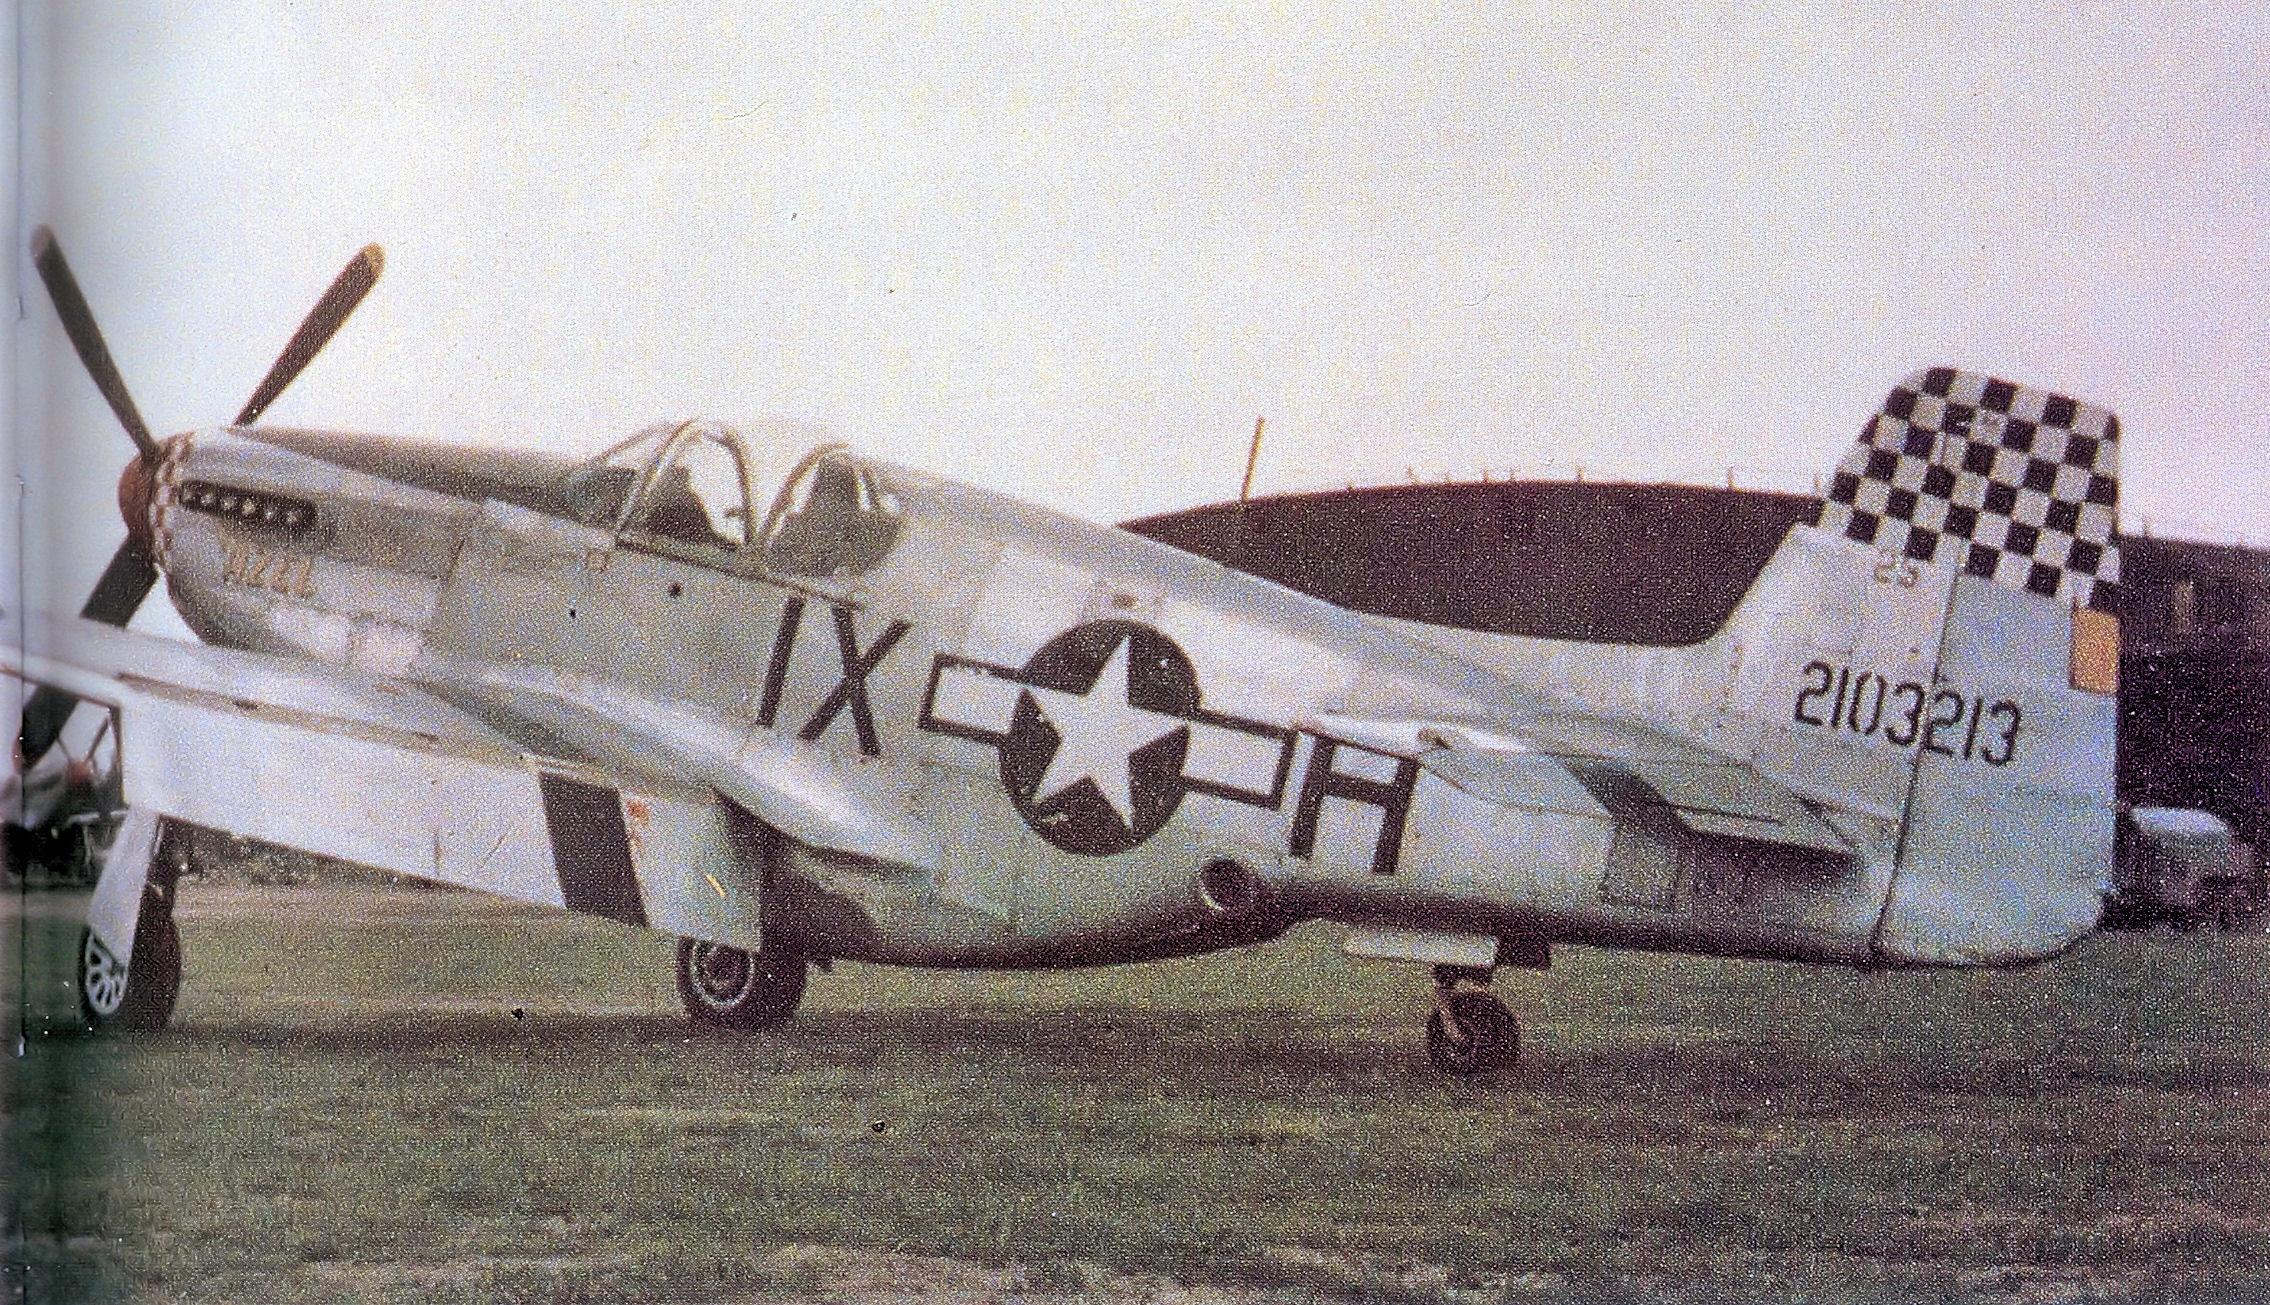 P-51 de reconocimiento (se puede ver claramente la posición de la lente). USAF